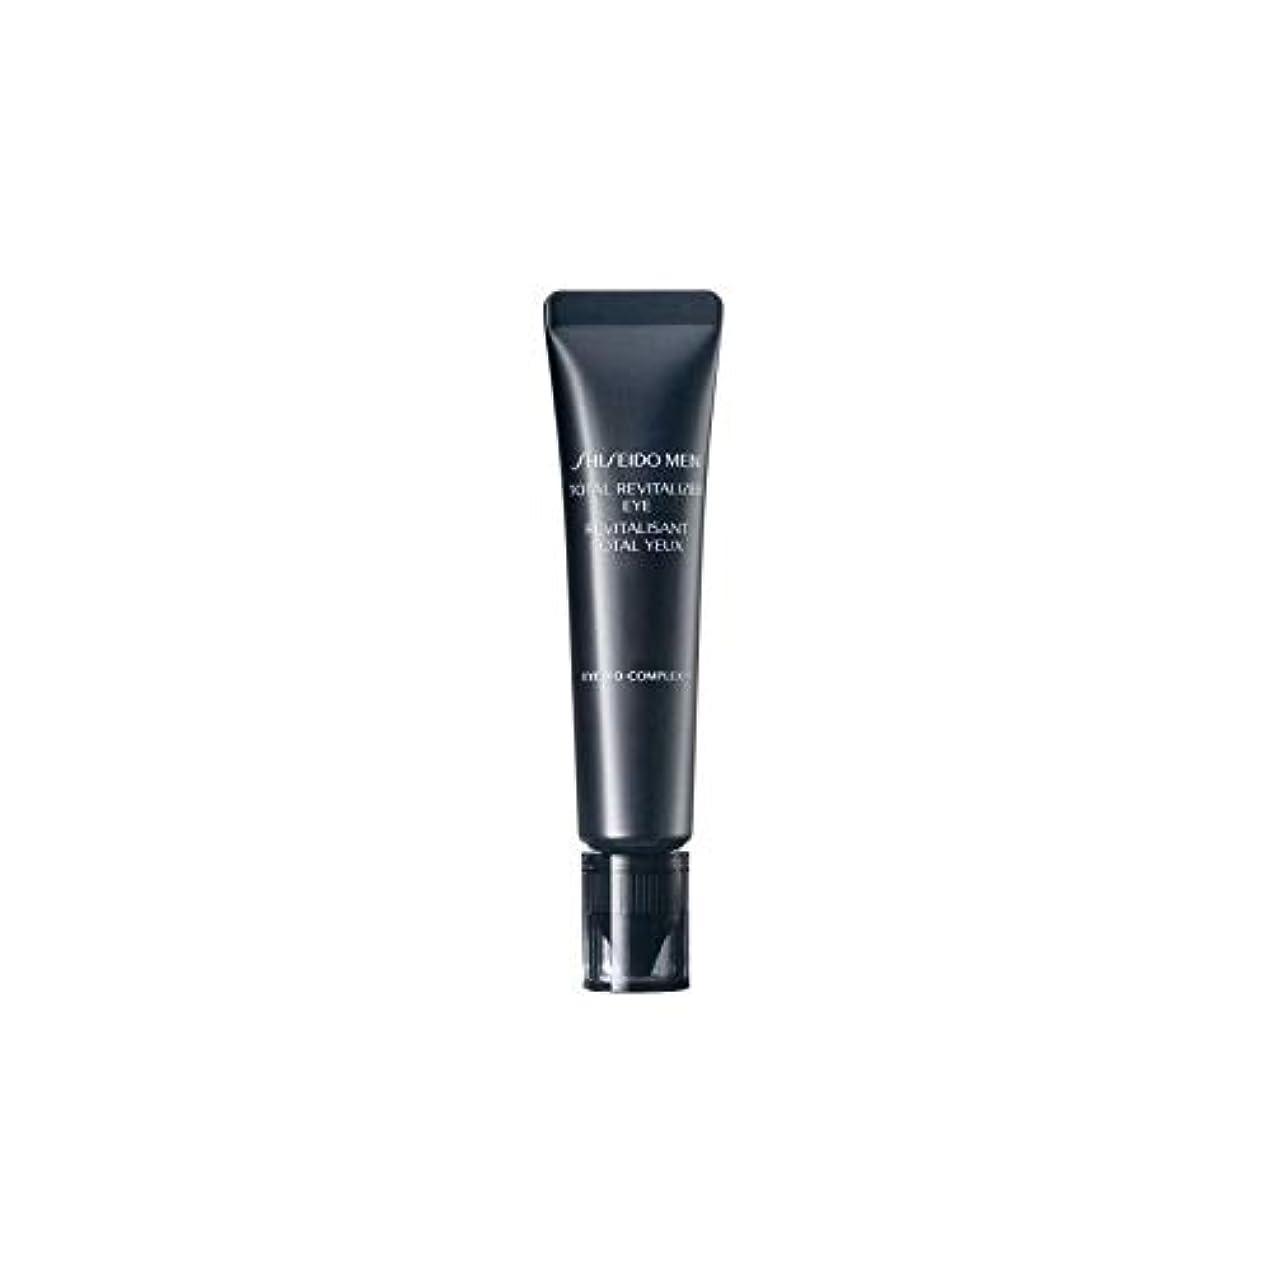 にぎやか励起満員[Shiseido ] 資生堂は、総滋養強壮の眼(15ミリリットル)をメンズ - Shiseido Mens Total Revitalizer Eye (15ml) [並行輸入品]